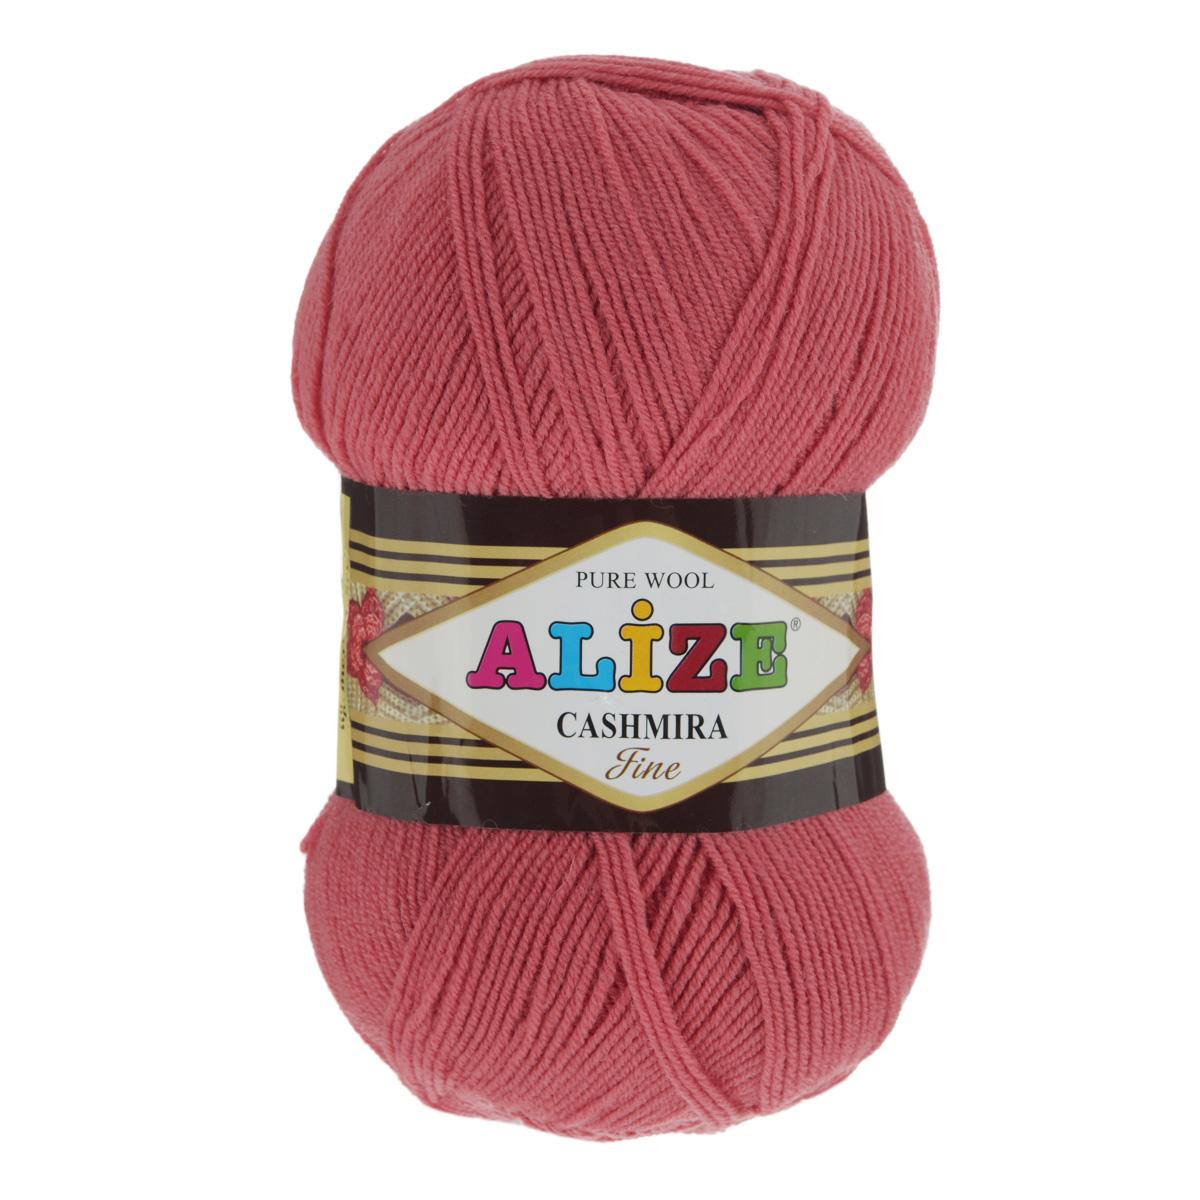 Пряжа для вязания Alize Cashmira, цвет: коралловый (38), 300 м, 100 г, 5 шт364009_38Пряжа для вязания Alize Cashmira изготовлена из 100% шерсти. Пряжа упругая, эластичная, тёплая, уютная и не колется, что очень подходит для детей. Тоненькая нитка прекрасно подойдет для вязки демисезонных вещей. Пряжа легко распускается и перевязывается несколько раз, не деформируясь и не влияя на вид изделия. Натуральная шерстяная нить, обеспечивает изделию прекрасную форму. Рекомендуется ручная стирка при температуре 30°C. Рекомендуемый размер спиц 3-5 мм и крючка 2-4 мм. Толщина нити: 3 мм.